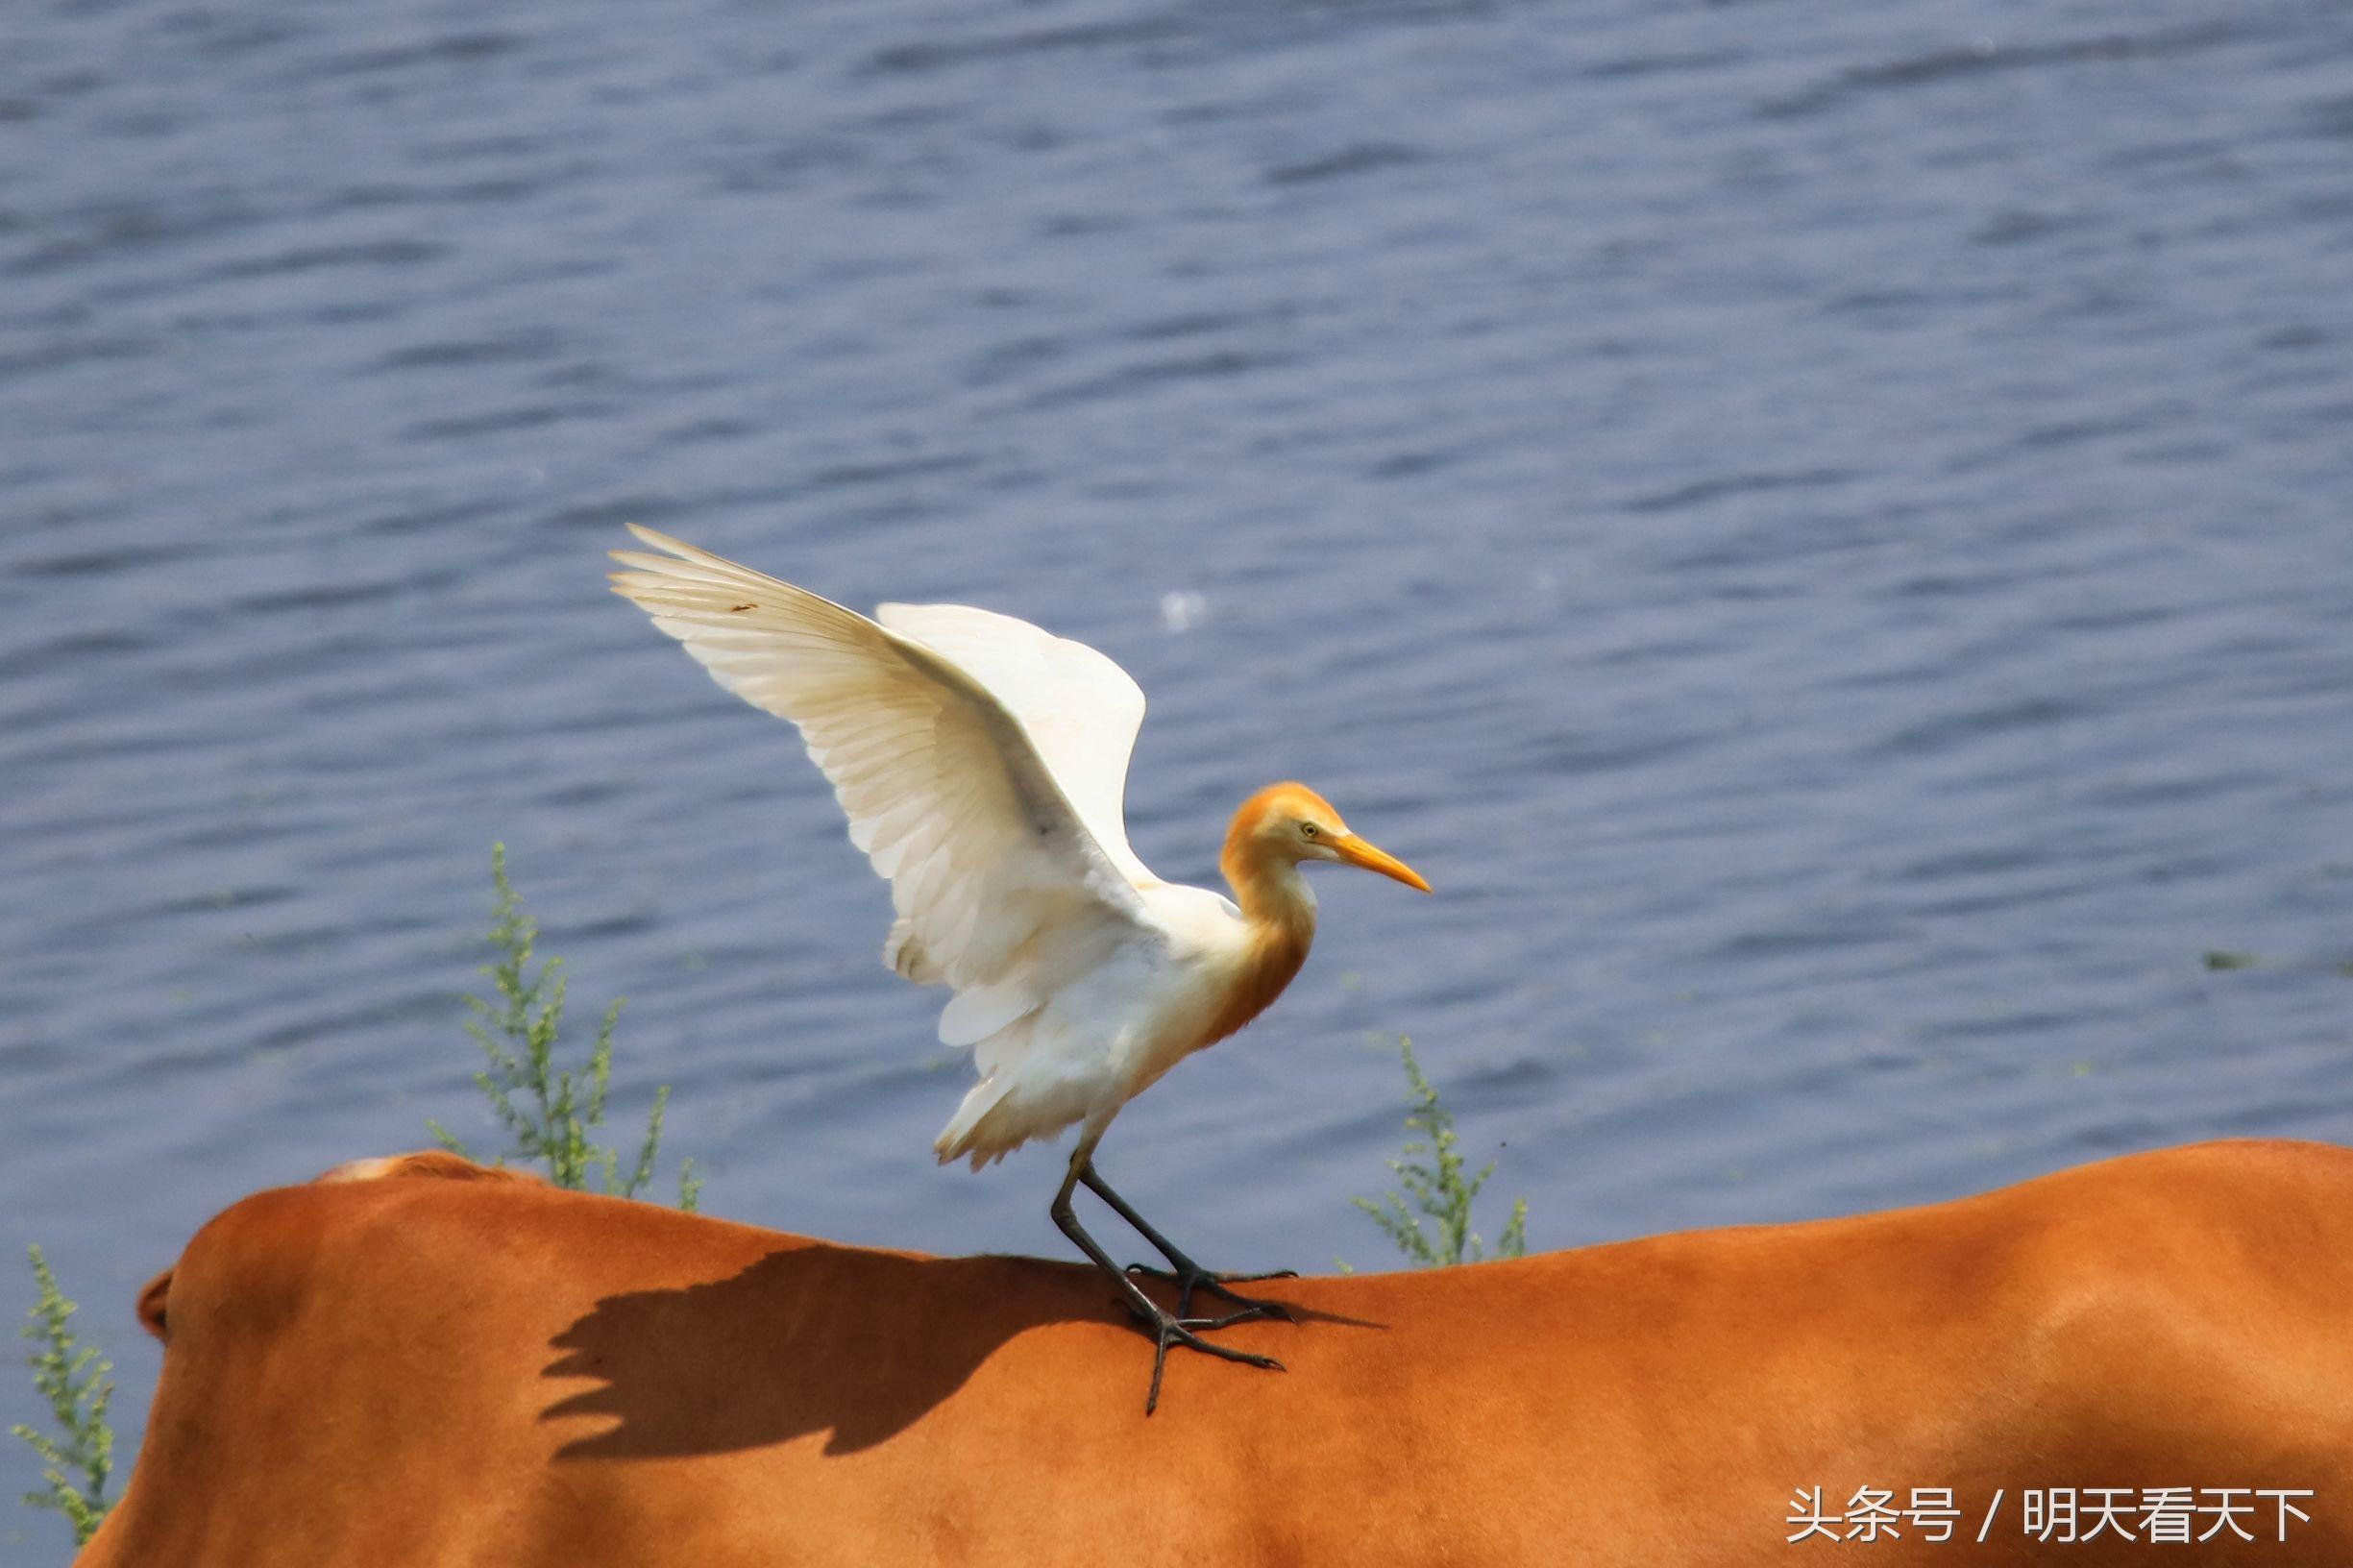 摄鸟手记:牛背鹭站人家背上想干啥干啥却被温